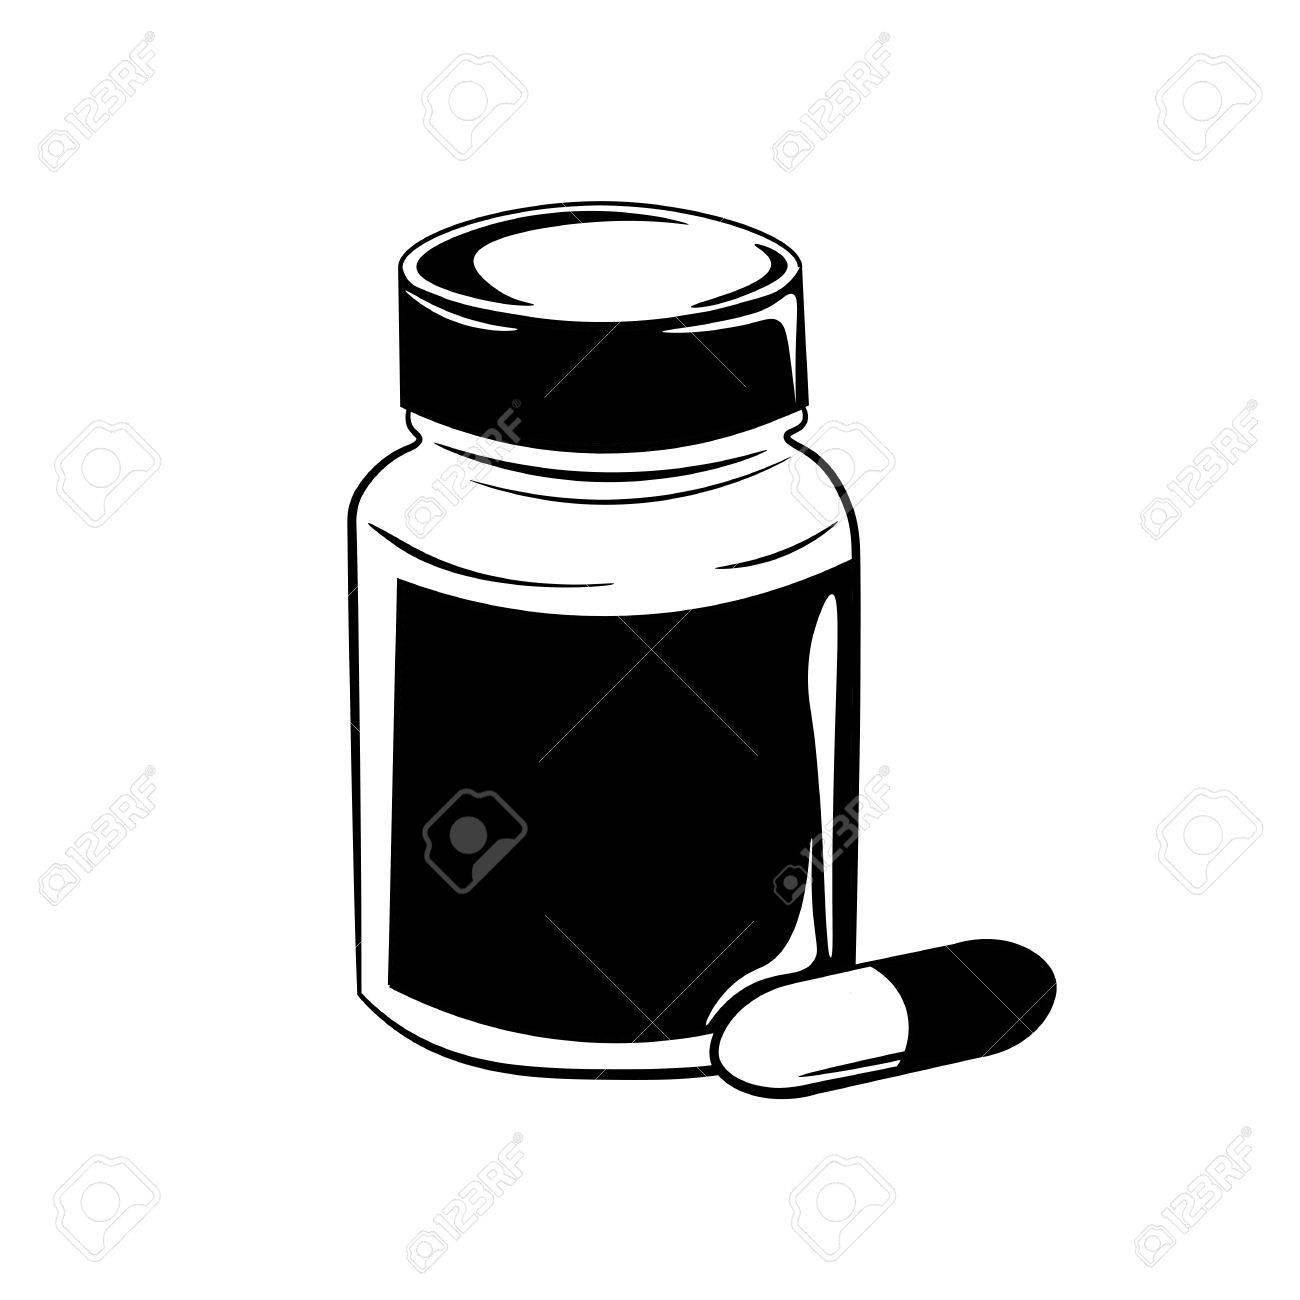 pill bottle vector illustration isolated on white background rh 123rf com Glass Bottle Clip Art Glue Bottle Clip Art Black and White